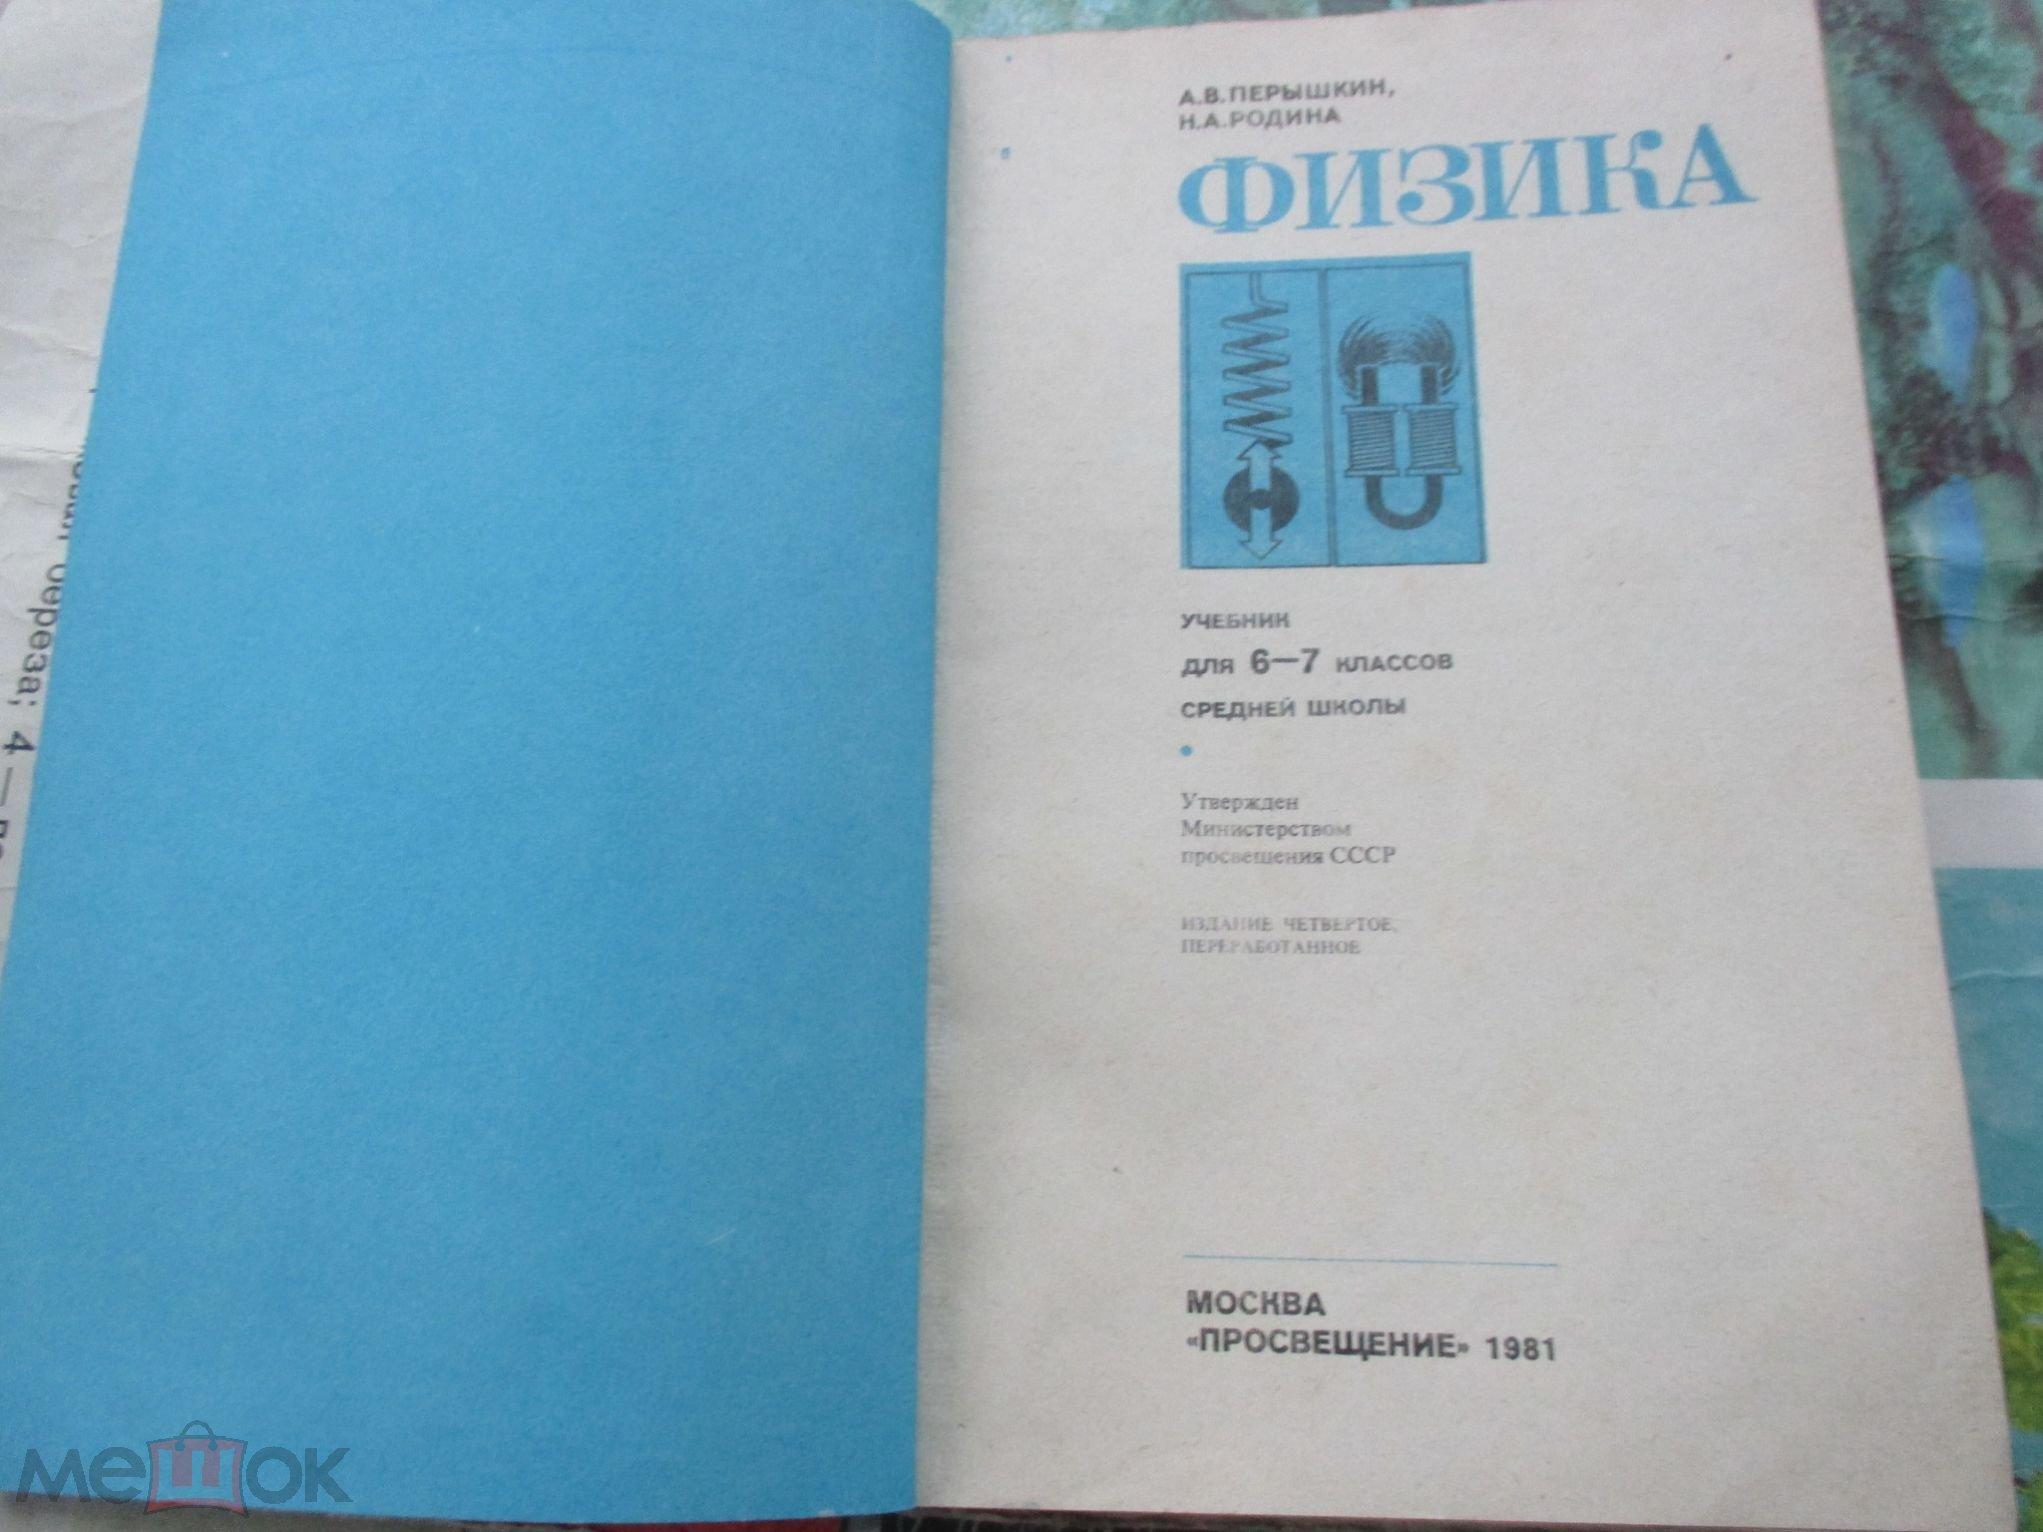 Физика 6-7 класс 1981 перышкин родина